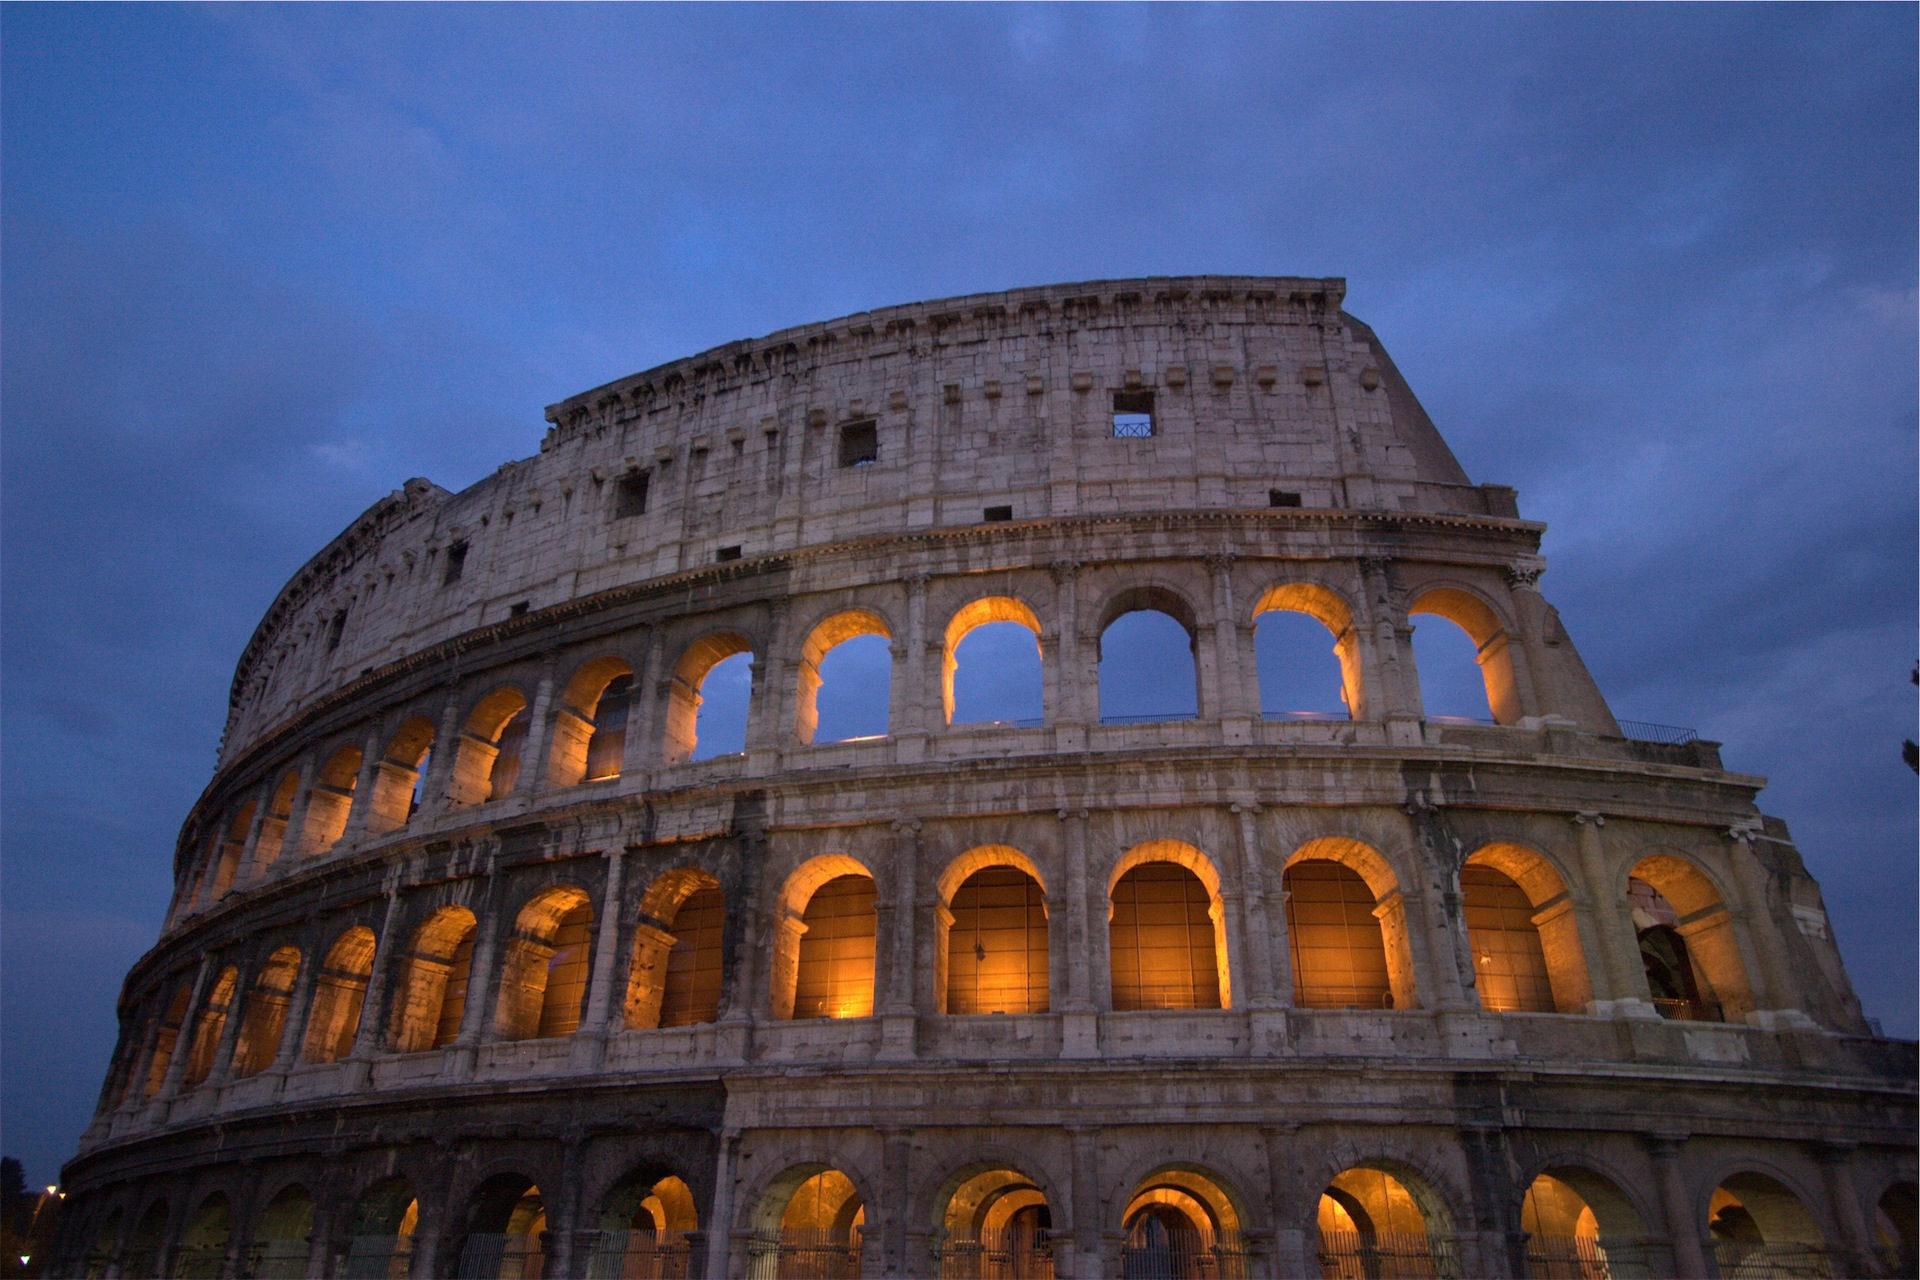 Kolosseum, Roman, Rom, Empire, Italien - Wallpaper HD - Prof.-falken.com